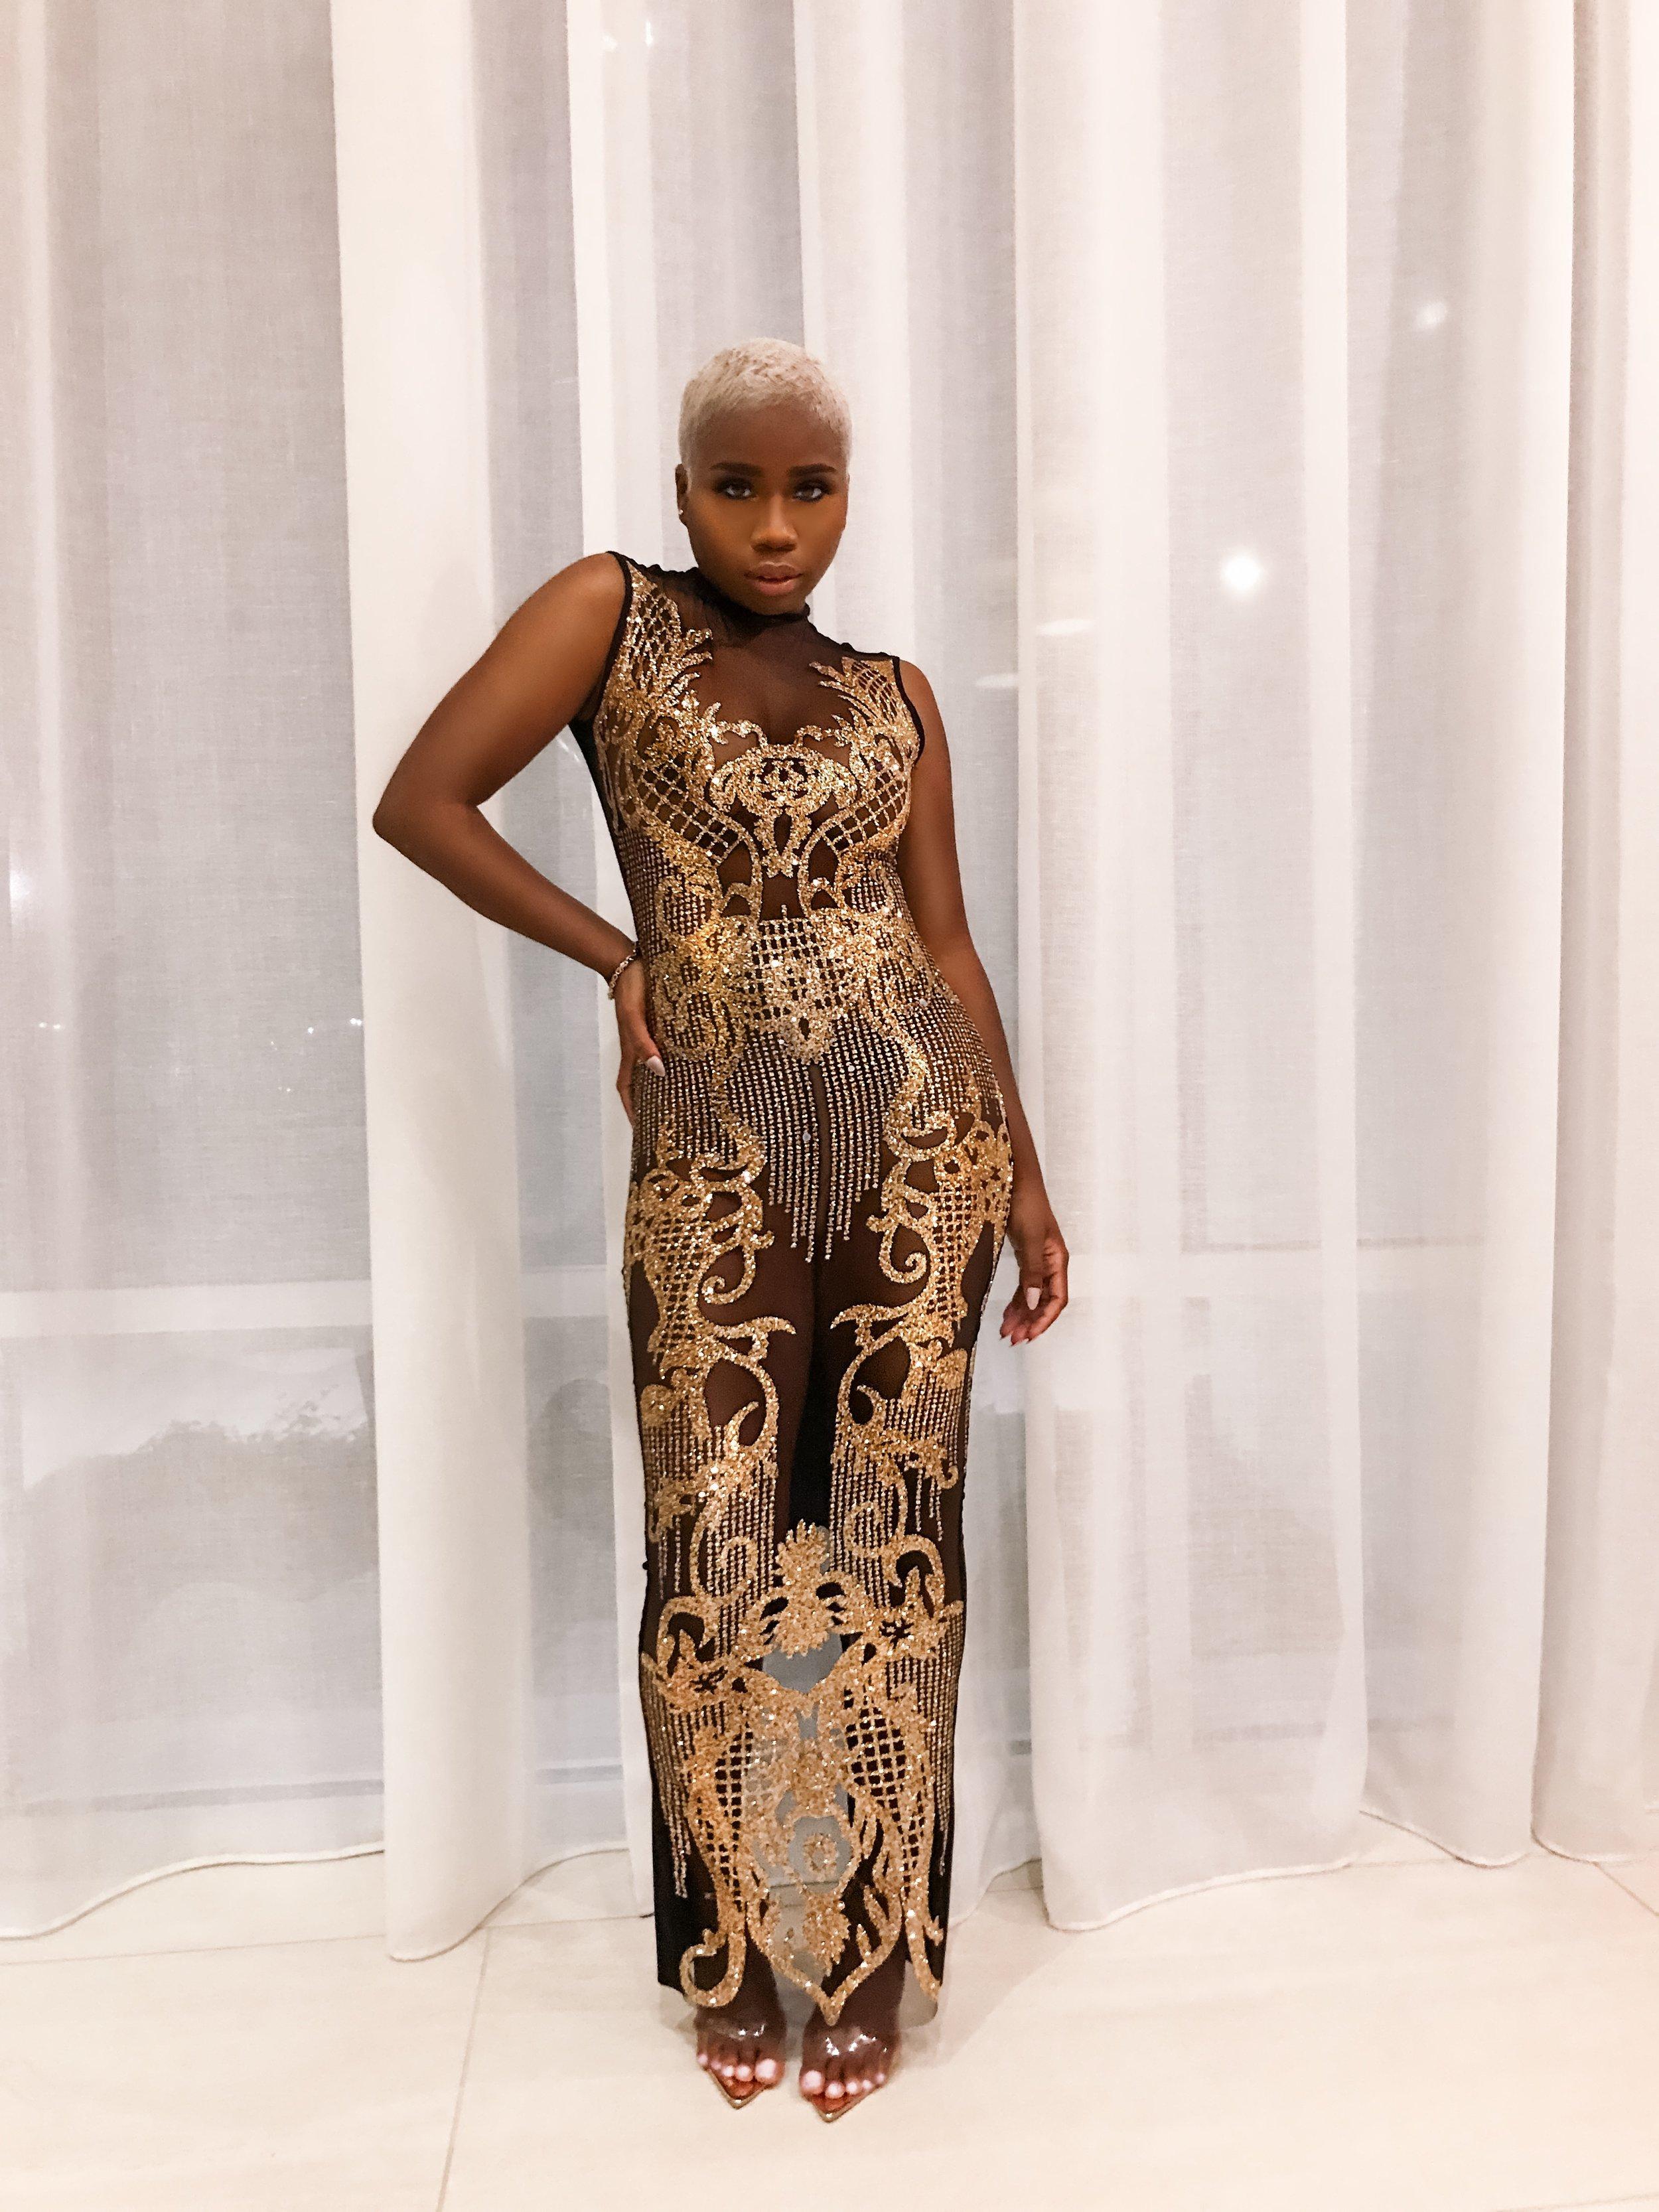 CheyenneKimora Met Gala Dress, 2018.